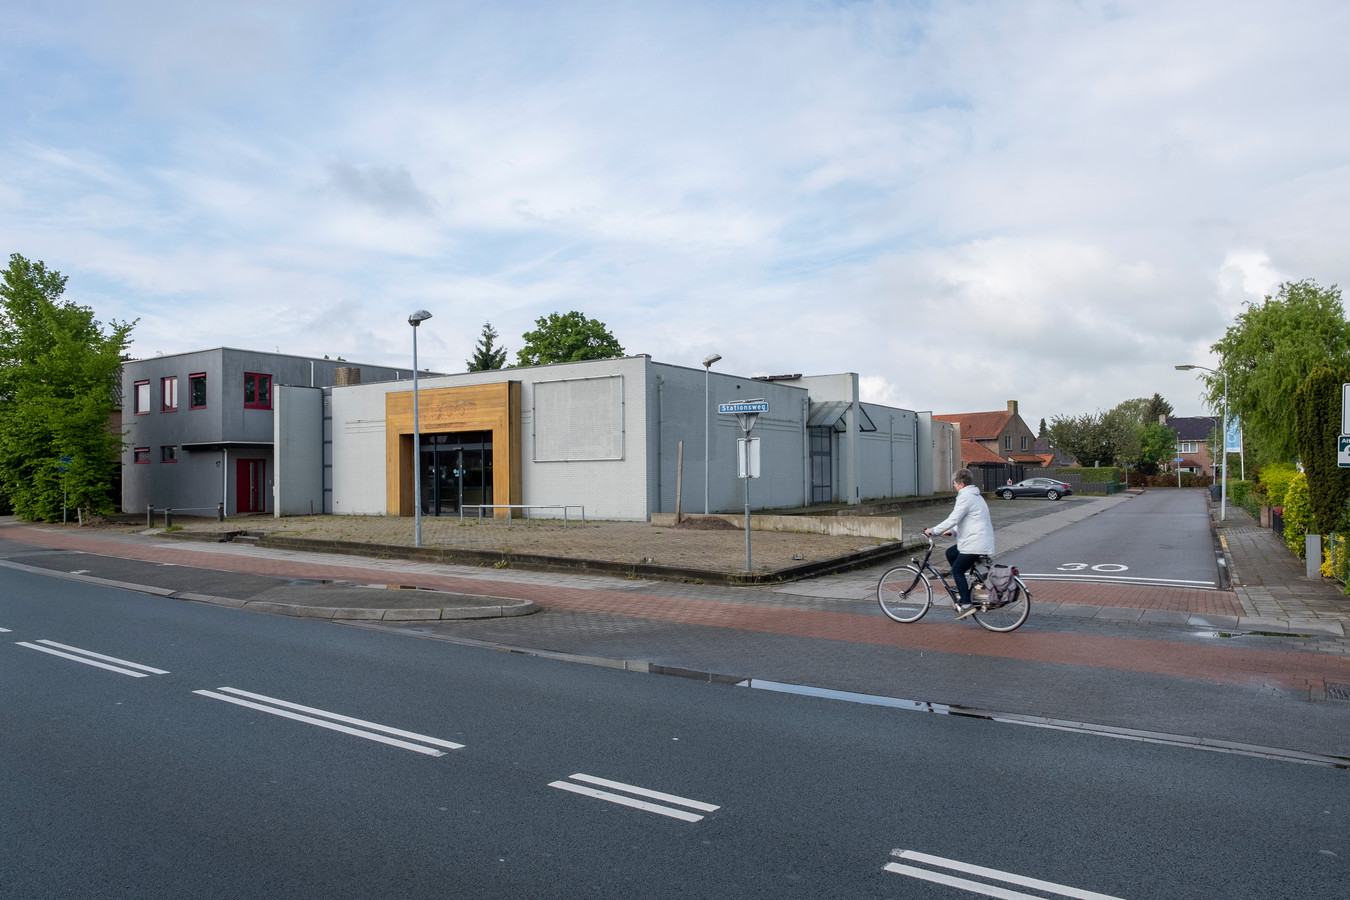 De ontwikkelaar die aan de slag wil met het oude pand van Welkoop, heeft diverse panden in zijn portefeuille waarin een Albert Heijn is gevestigd.